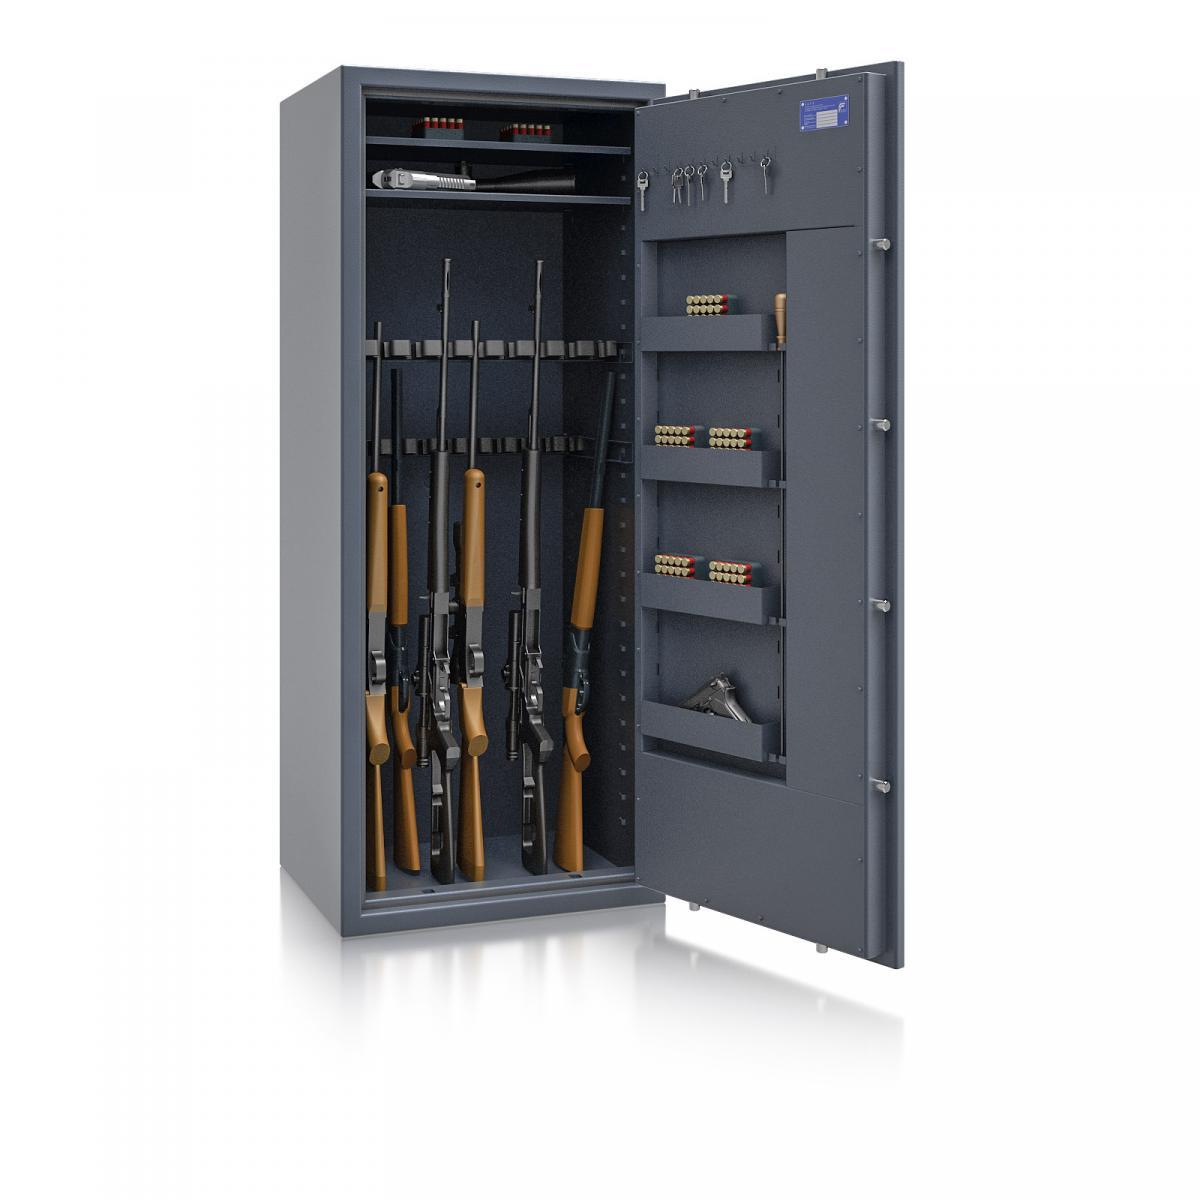 Waffenschrank St. Gallen WF MAX 4 - 1600x655x500 / 237kg 56469 / Klasse I / RAL7024 / Schlüssel / DIN R